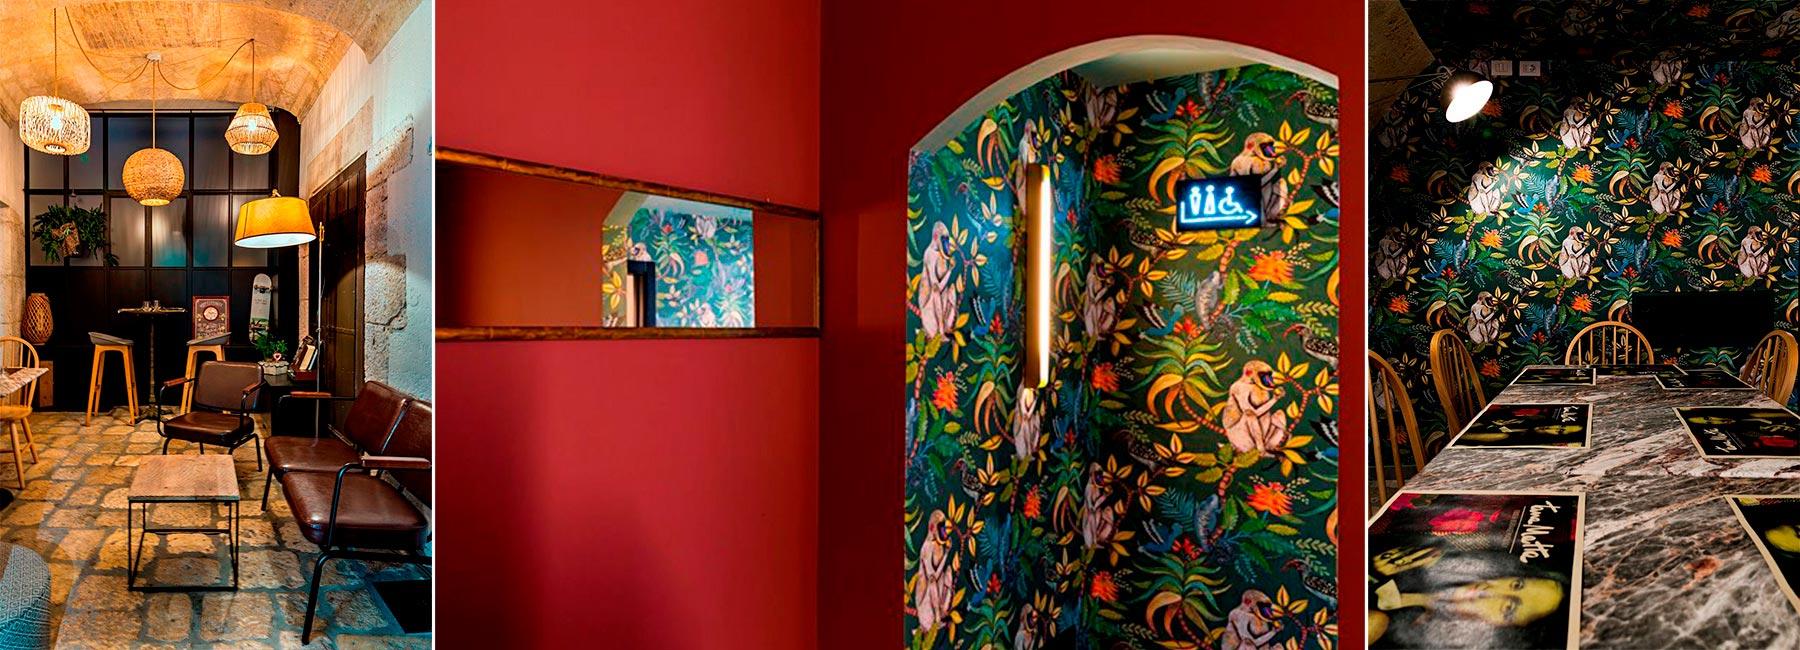 Красочный дизайн лаундж-бара с тропическими мотивами Tana Matta